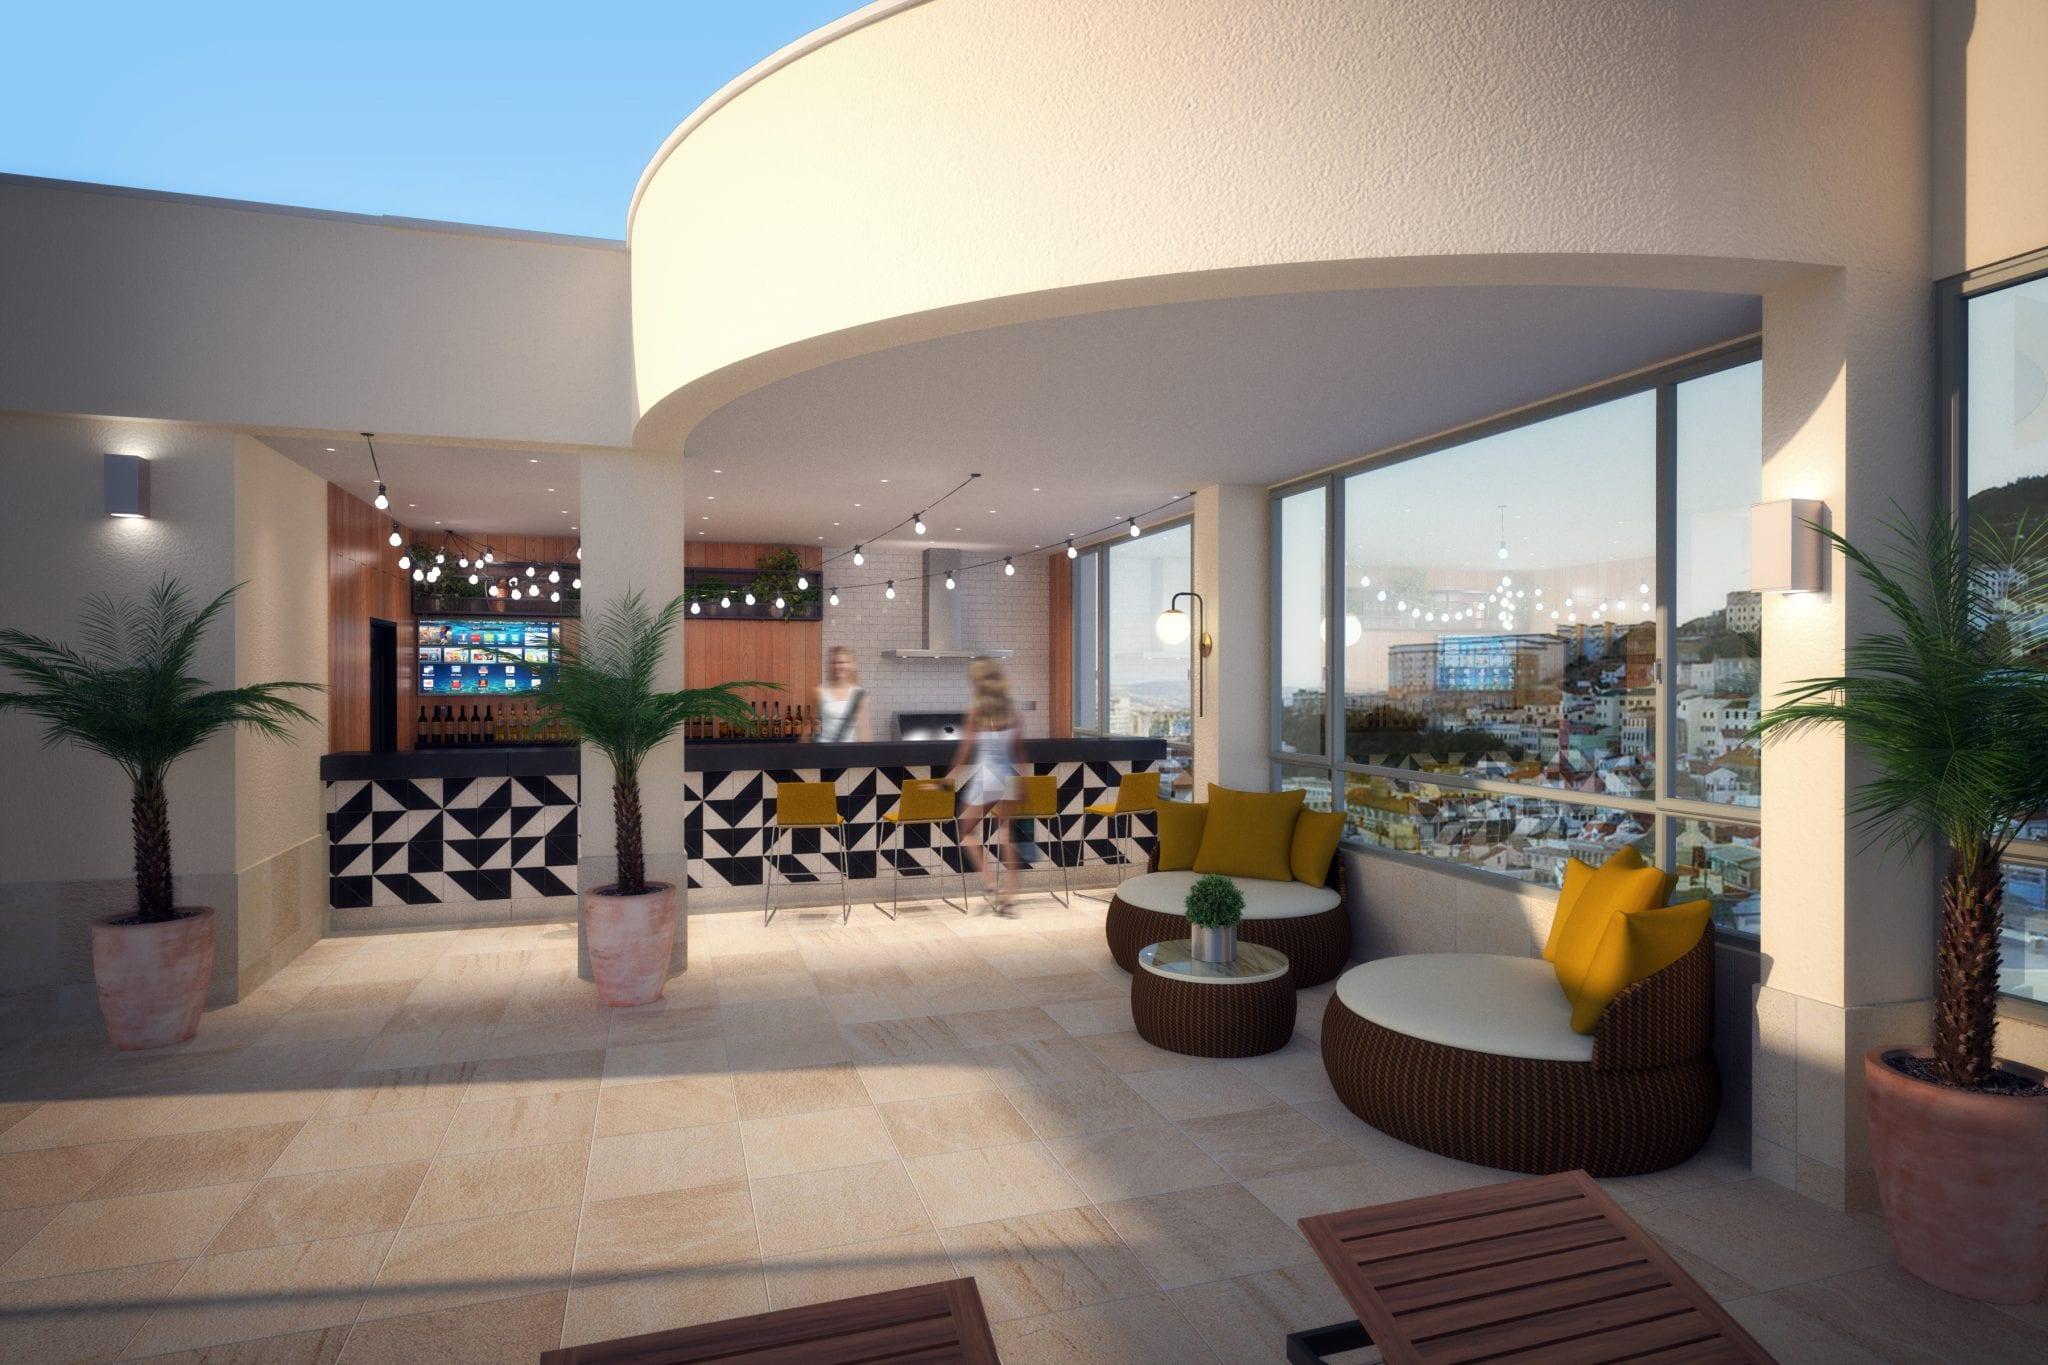 The Eliott Bar Gibraltar